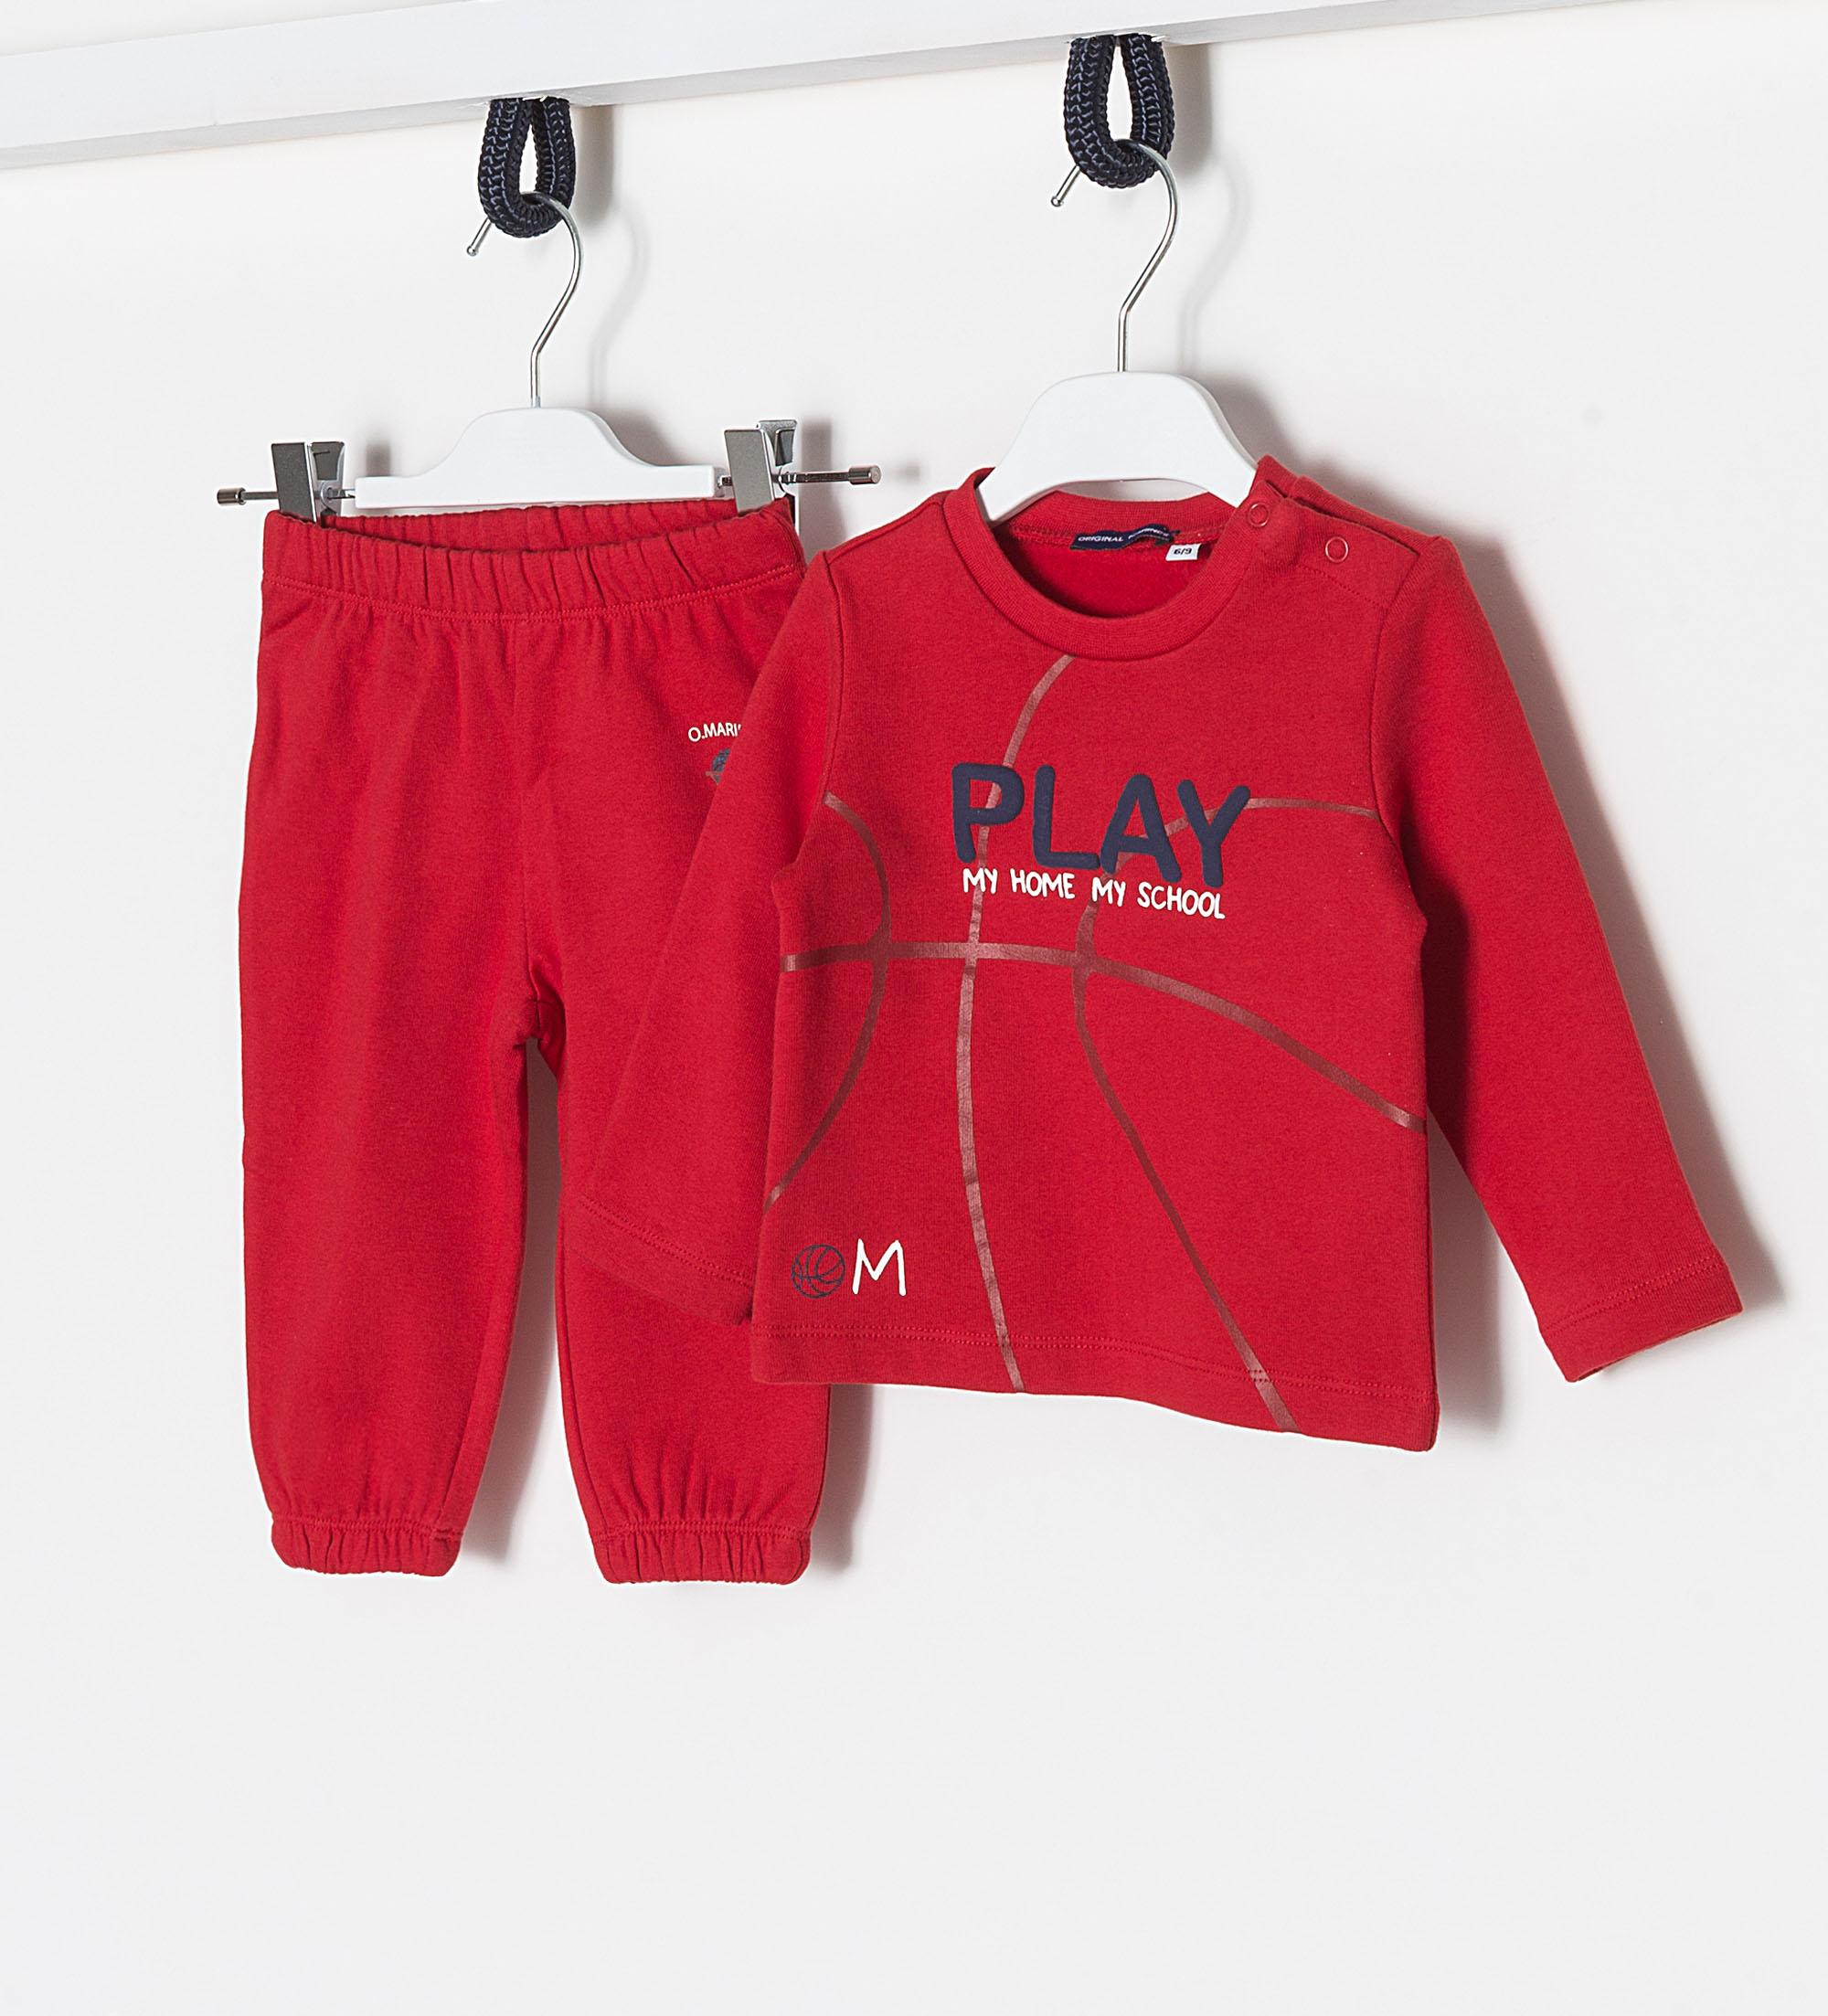 Купить Спортивный костюм, Сп.костюм (толстовка+брюки) Original Marines, красный, 62, Мальчики, весна